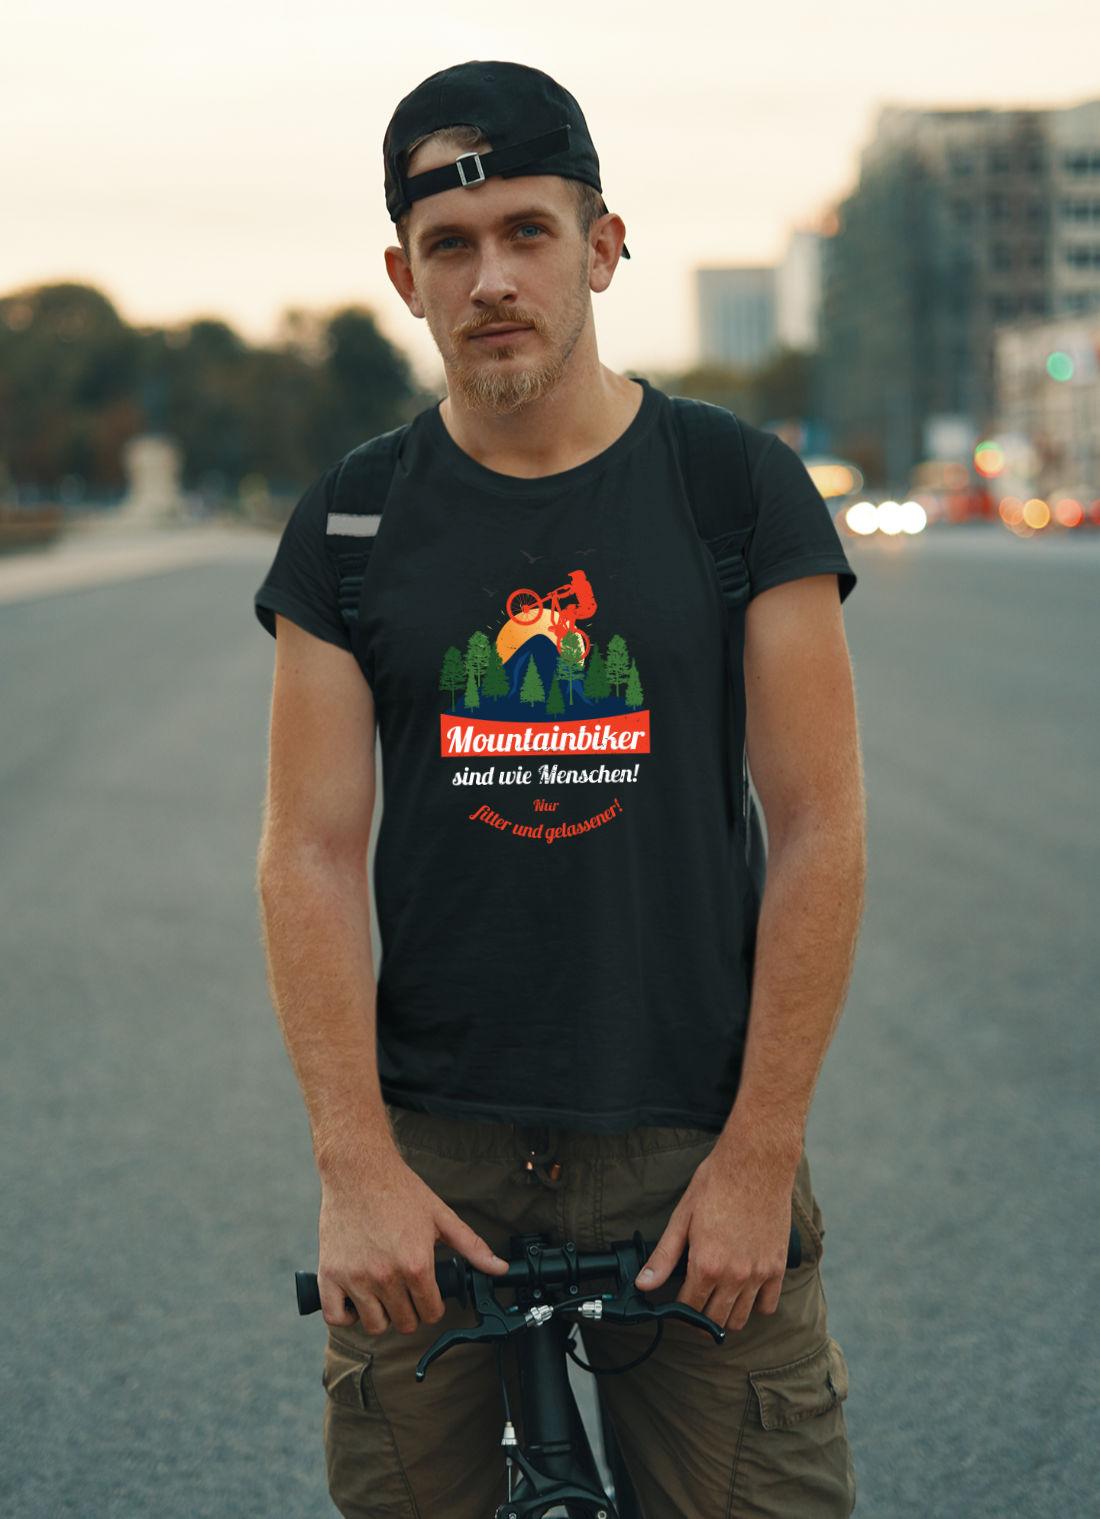 Fahrrad-T-Shirt-Mountainbiker sind wie Menschen